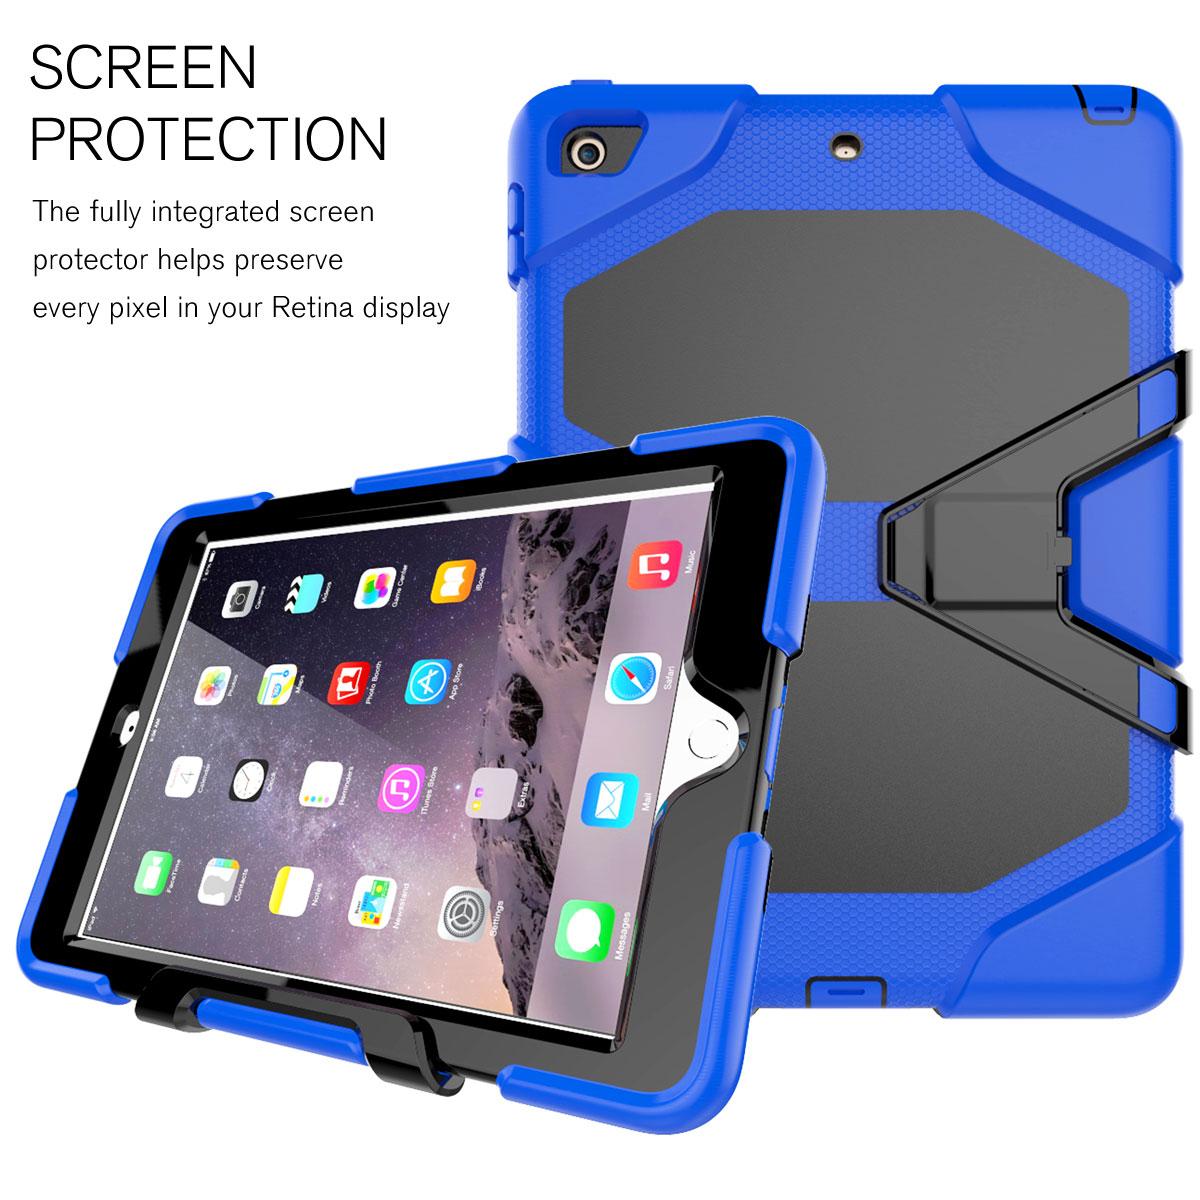 shockproof rubber hard stand tablet case cover for apple. Black Bedroom Furniture Sets. Home Design Ideas